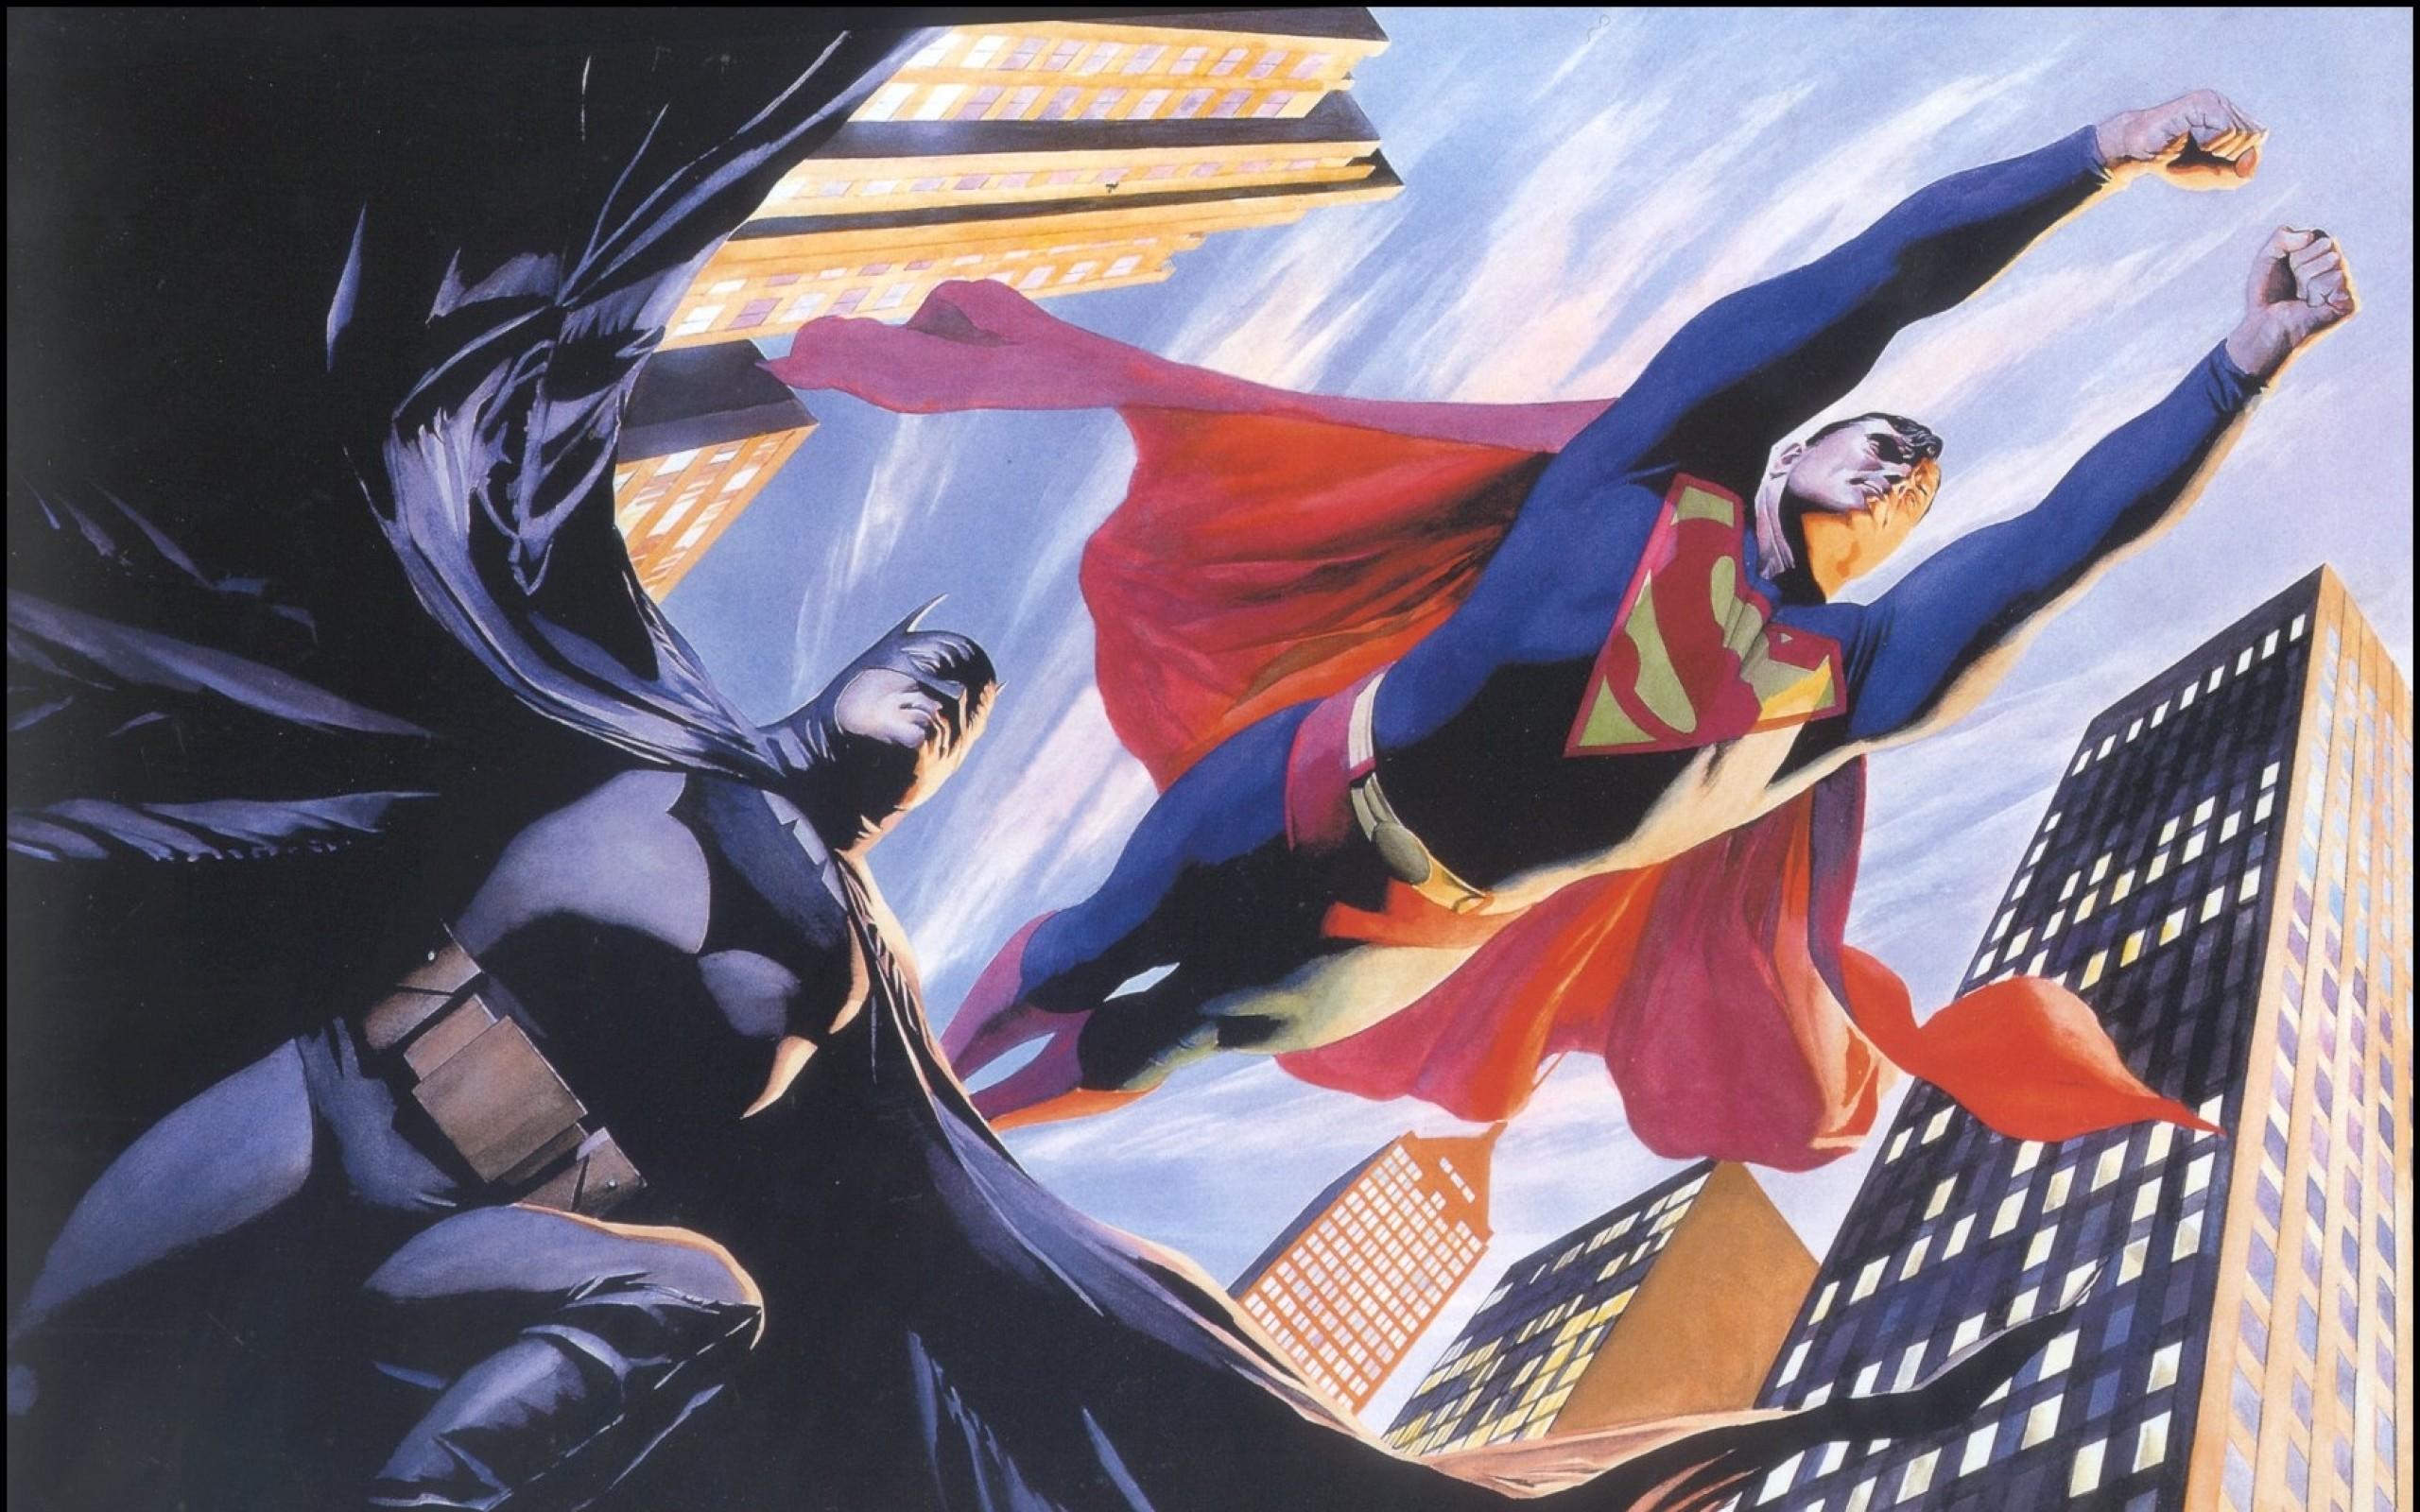 2560x1600 Batman Dc Comics Superman Superheroes Alex Ross 1746x1110 Wallpaper Art HD